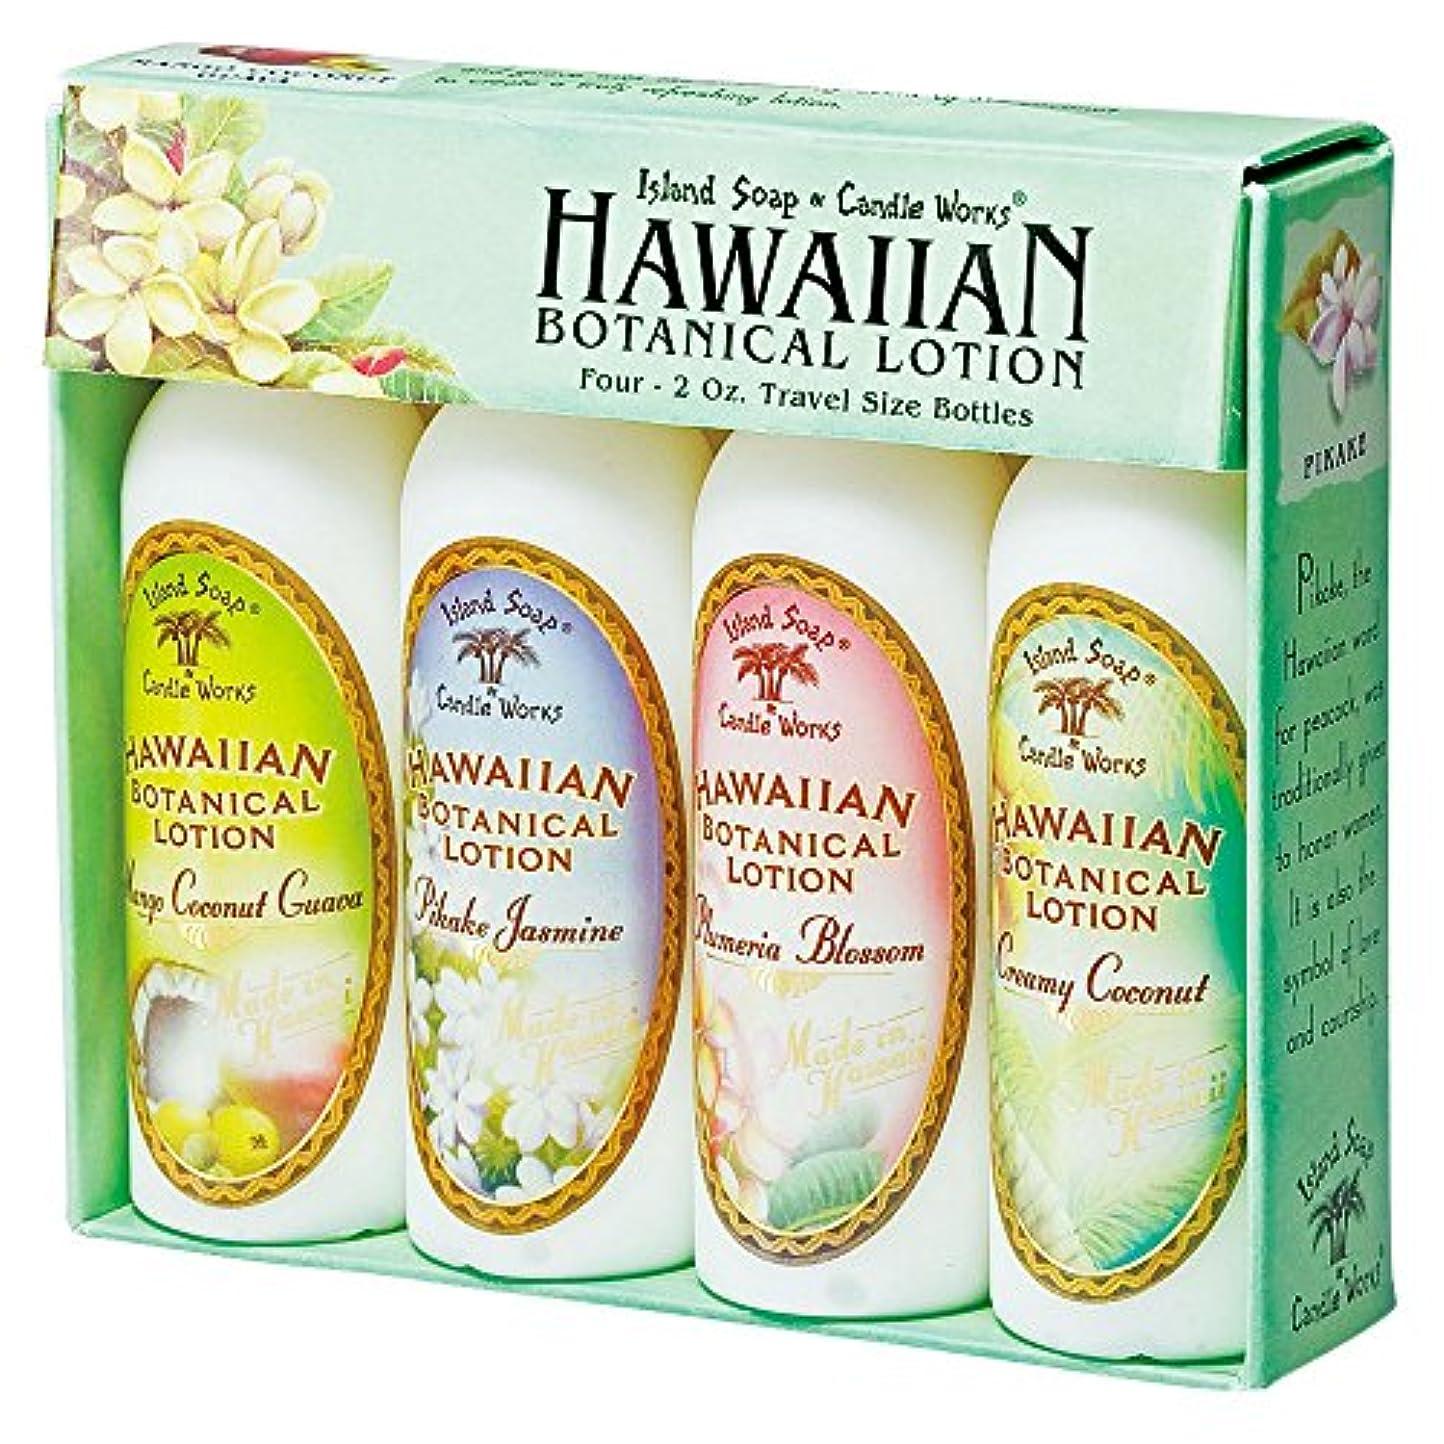 剃る遺体安置所プレミアムハワイお土産 ハワイアイランドソープ トロピカルローション ミニ 4種セット